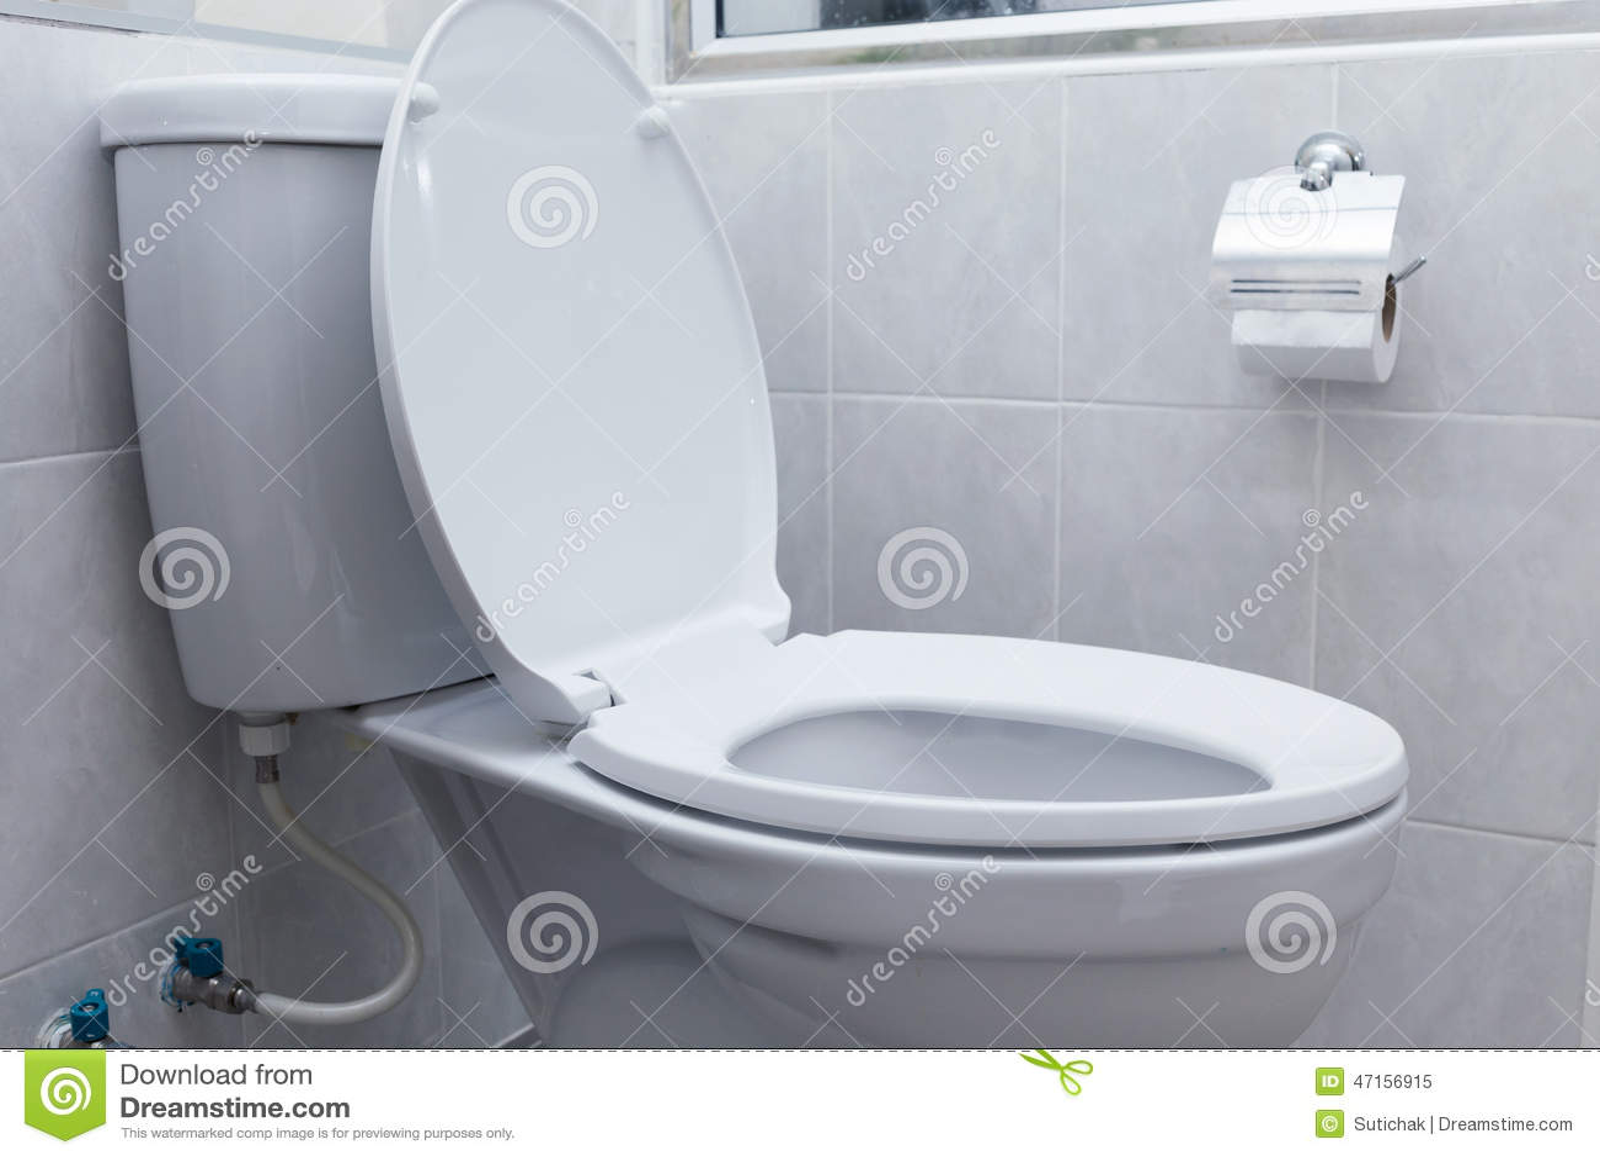 Vit slät toalett i modernt badrum arkivfoto   bild: 47156915